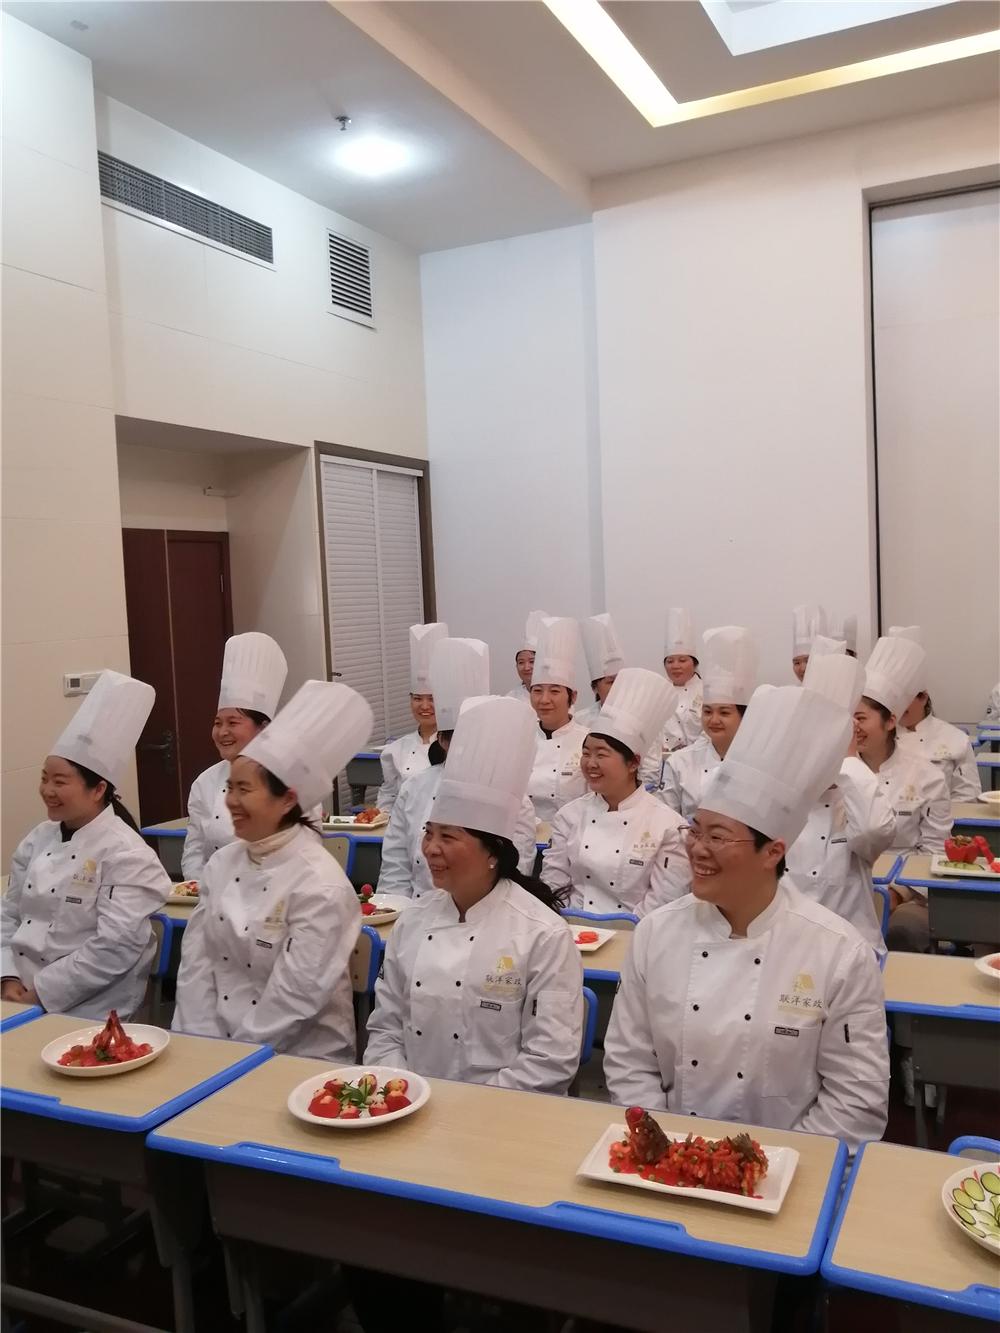 上海精品高级月子餐(月嫂)职业培训课程